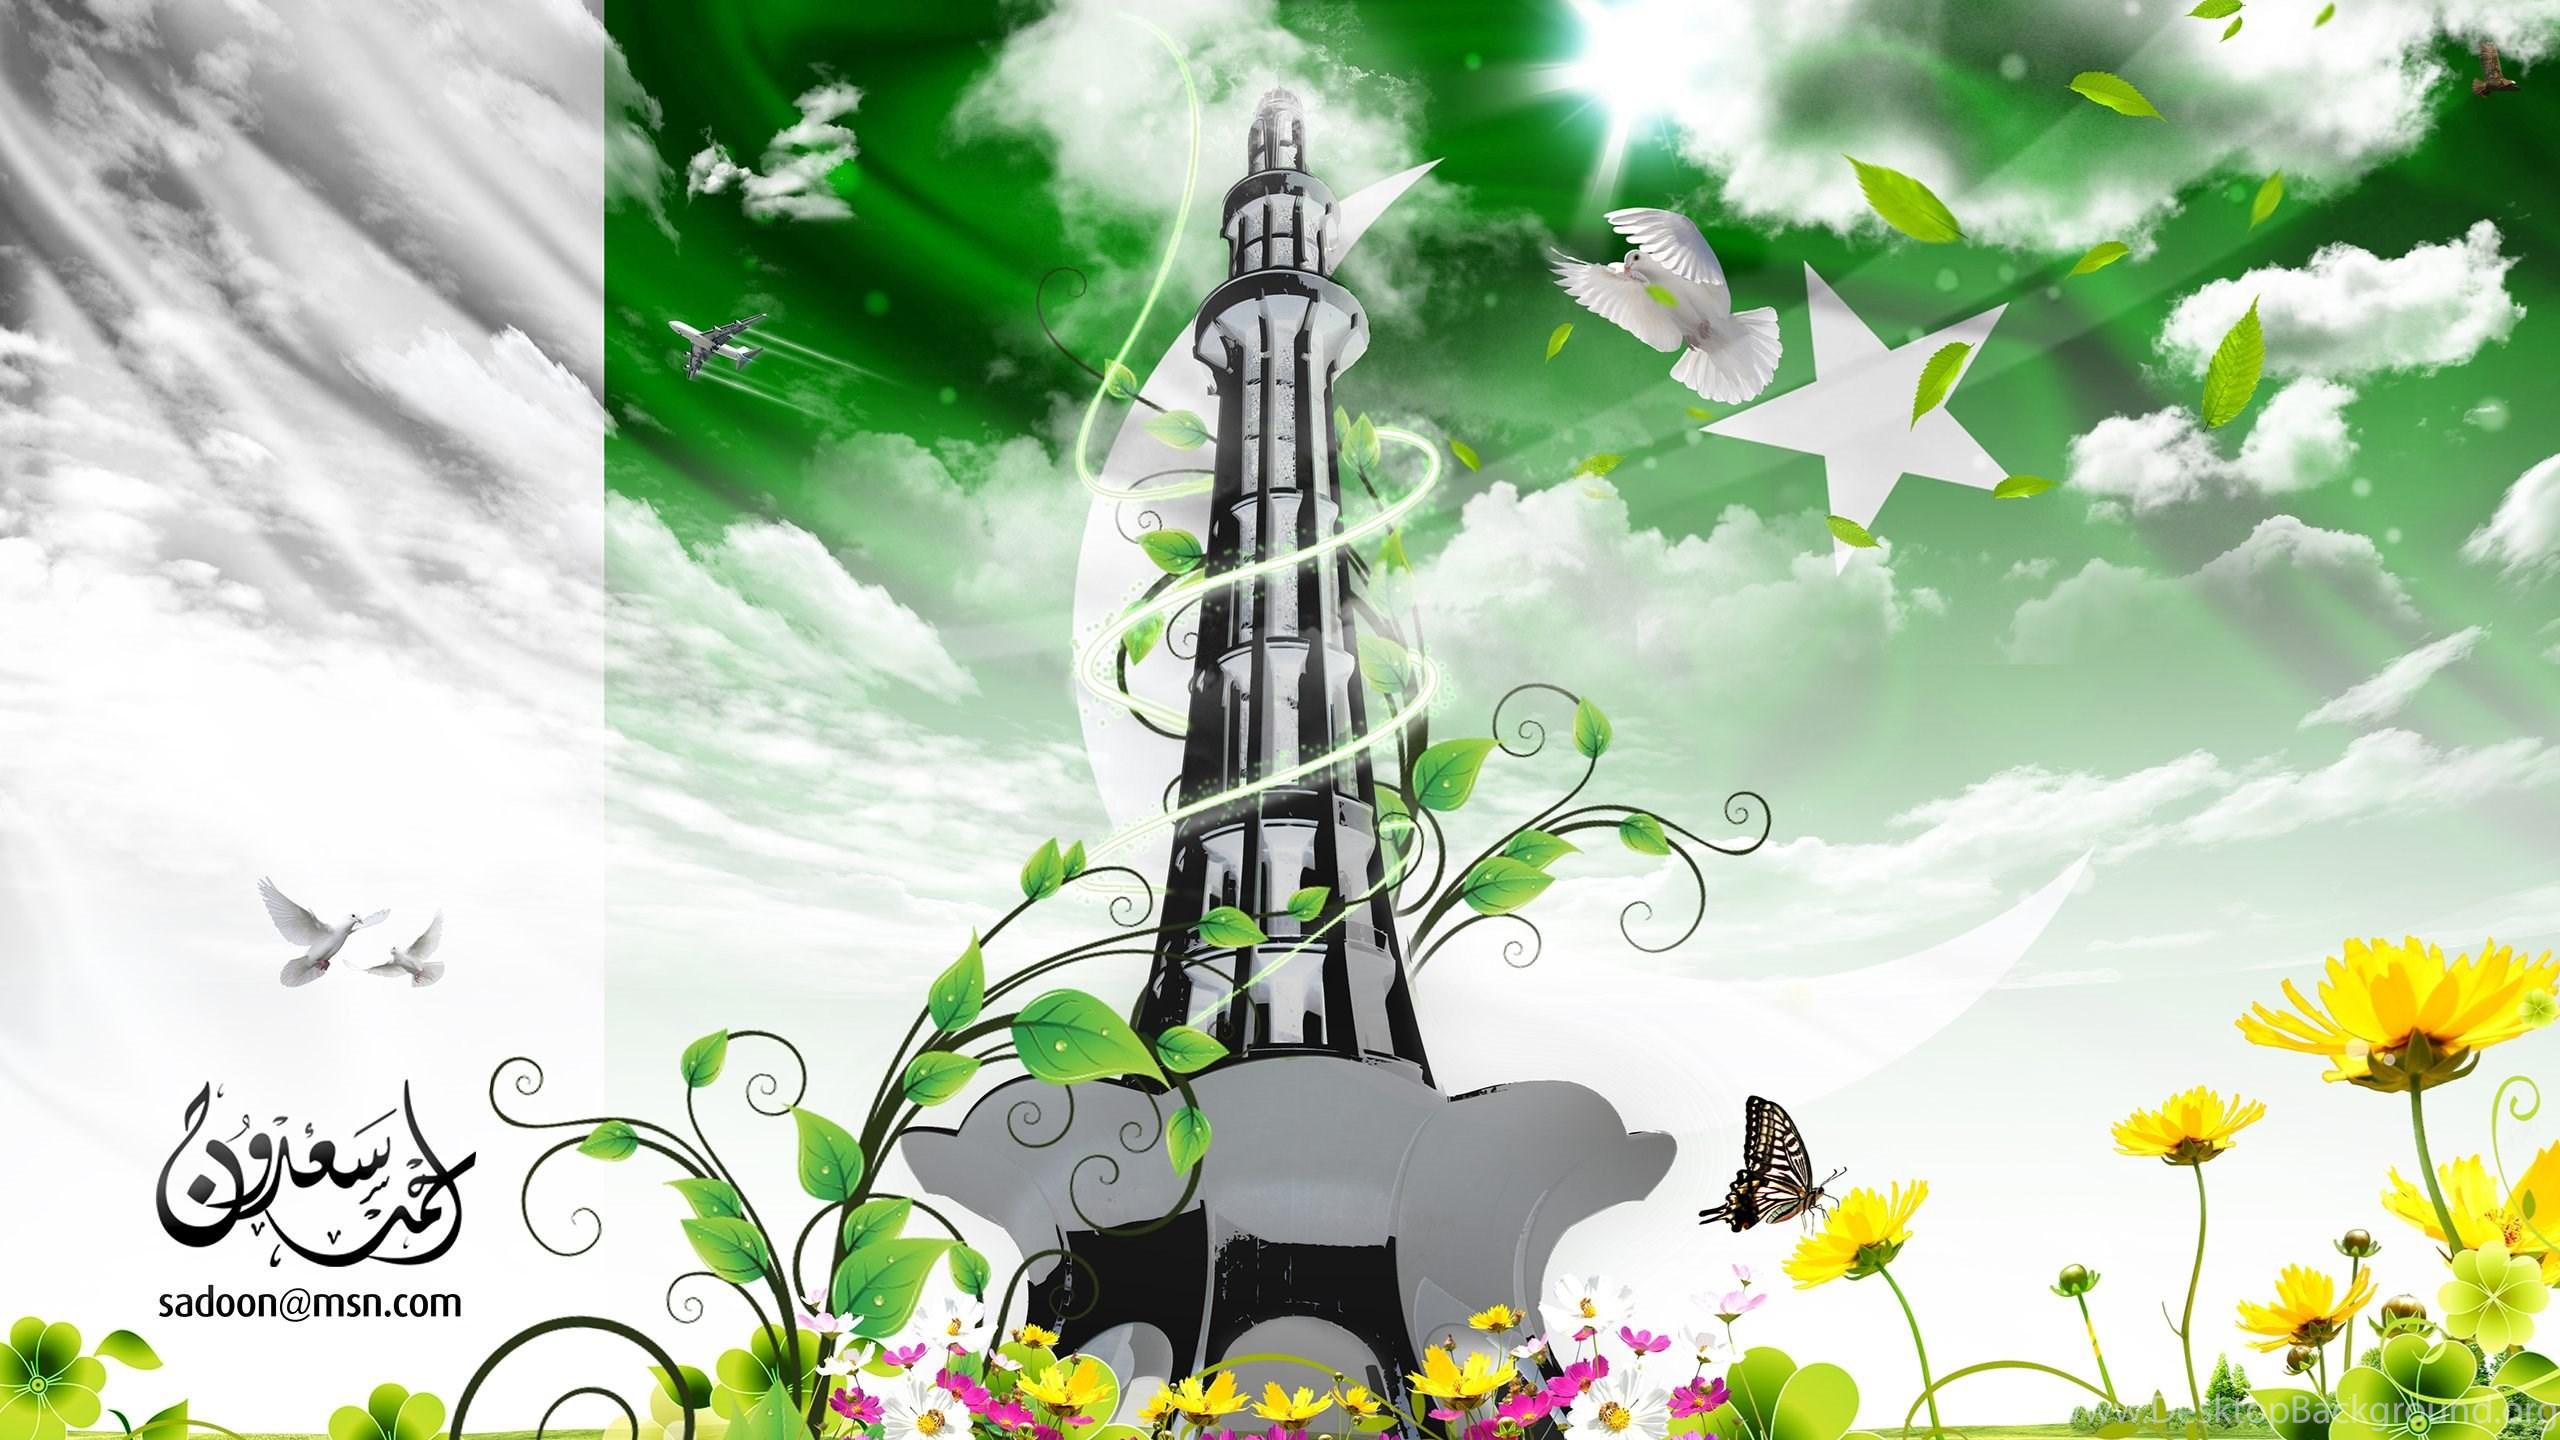 Indian flag wallpapers hd download for desktop and mobile desktop netbook voltagebd Choice Image